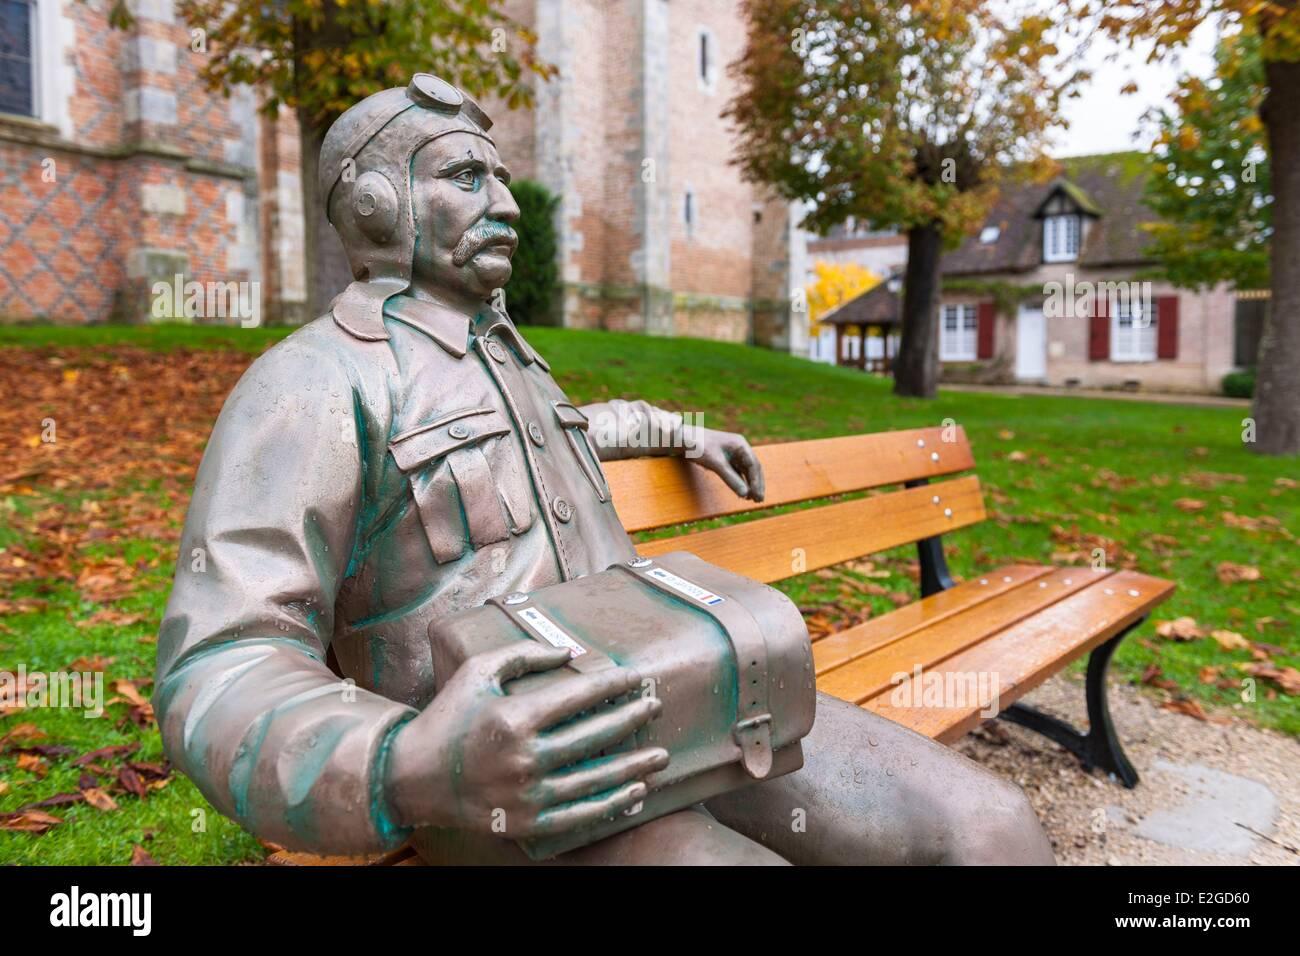 France Loir et Cher Sologne region Chaumont sur Tharonne sculpture by Ducaroy Grange representing the famous aviator Louis Stock Photo